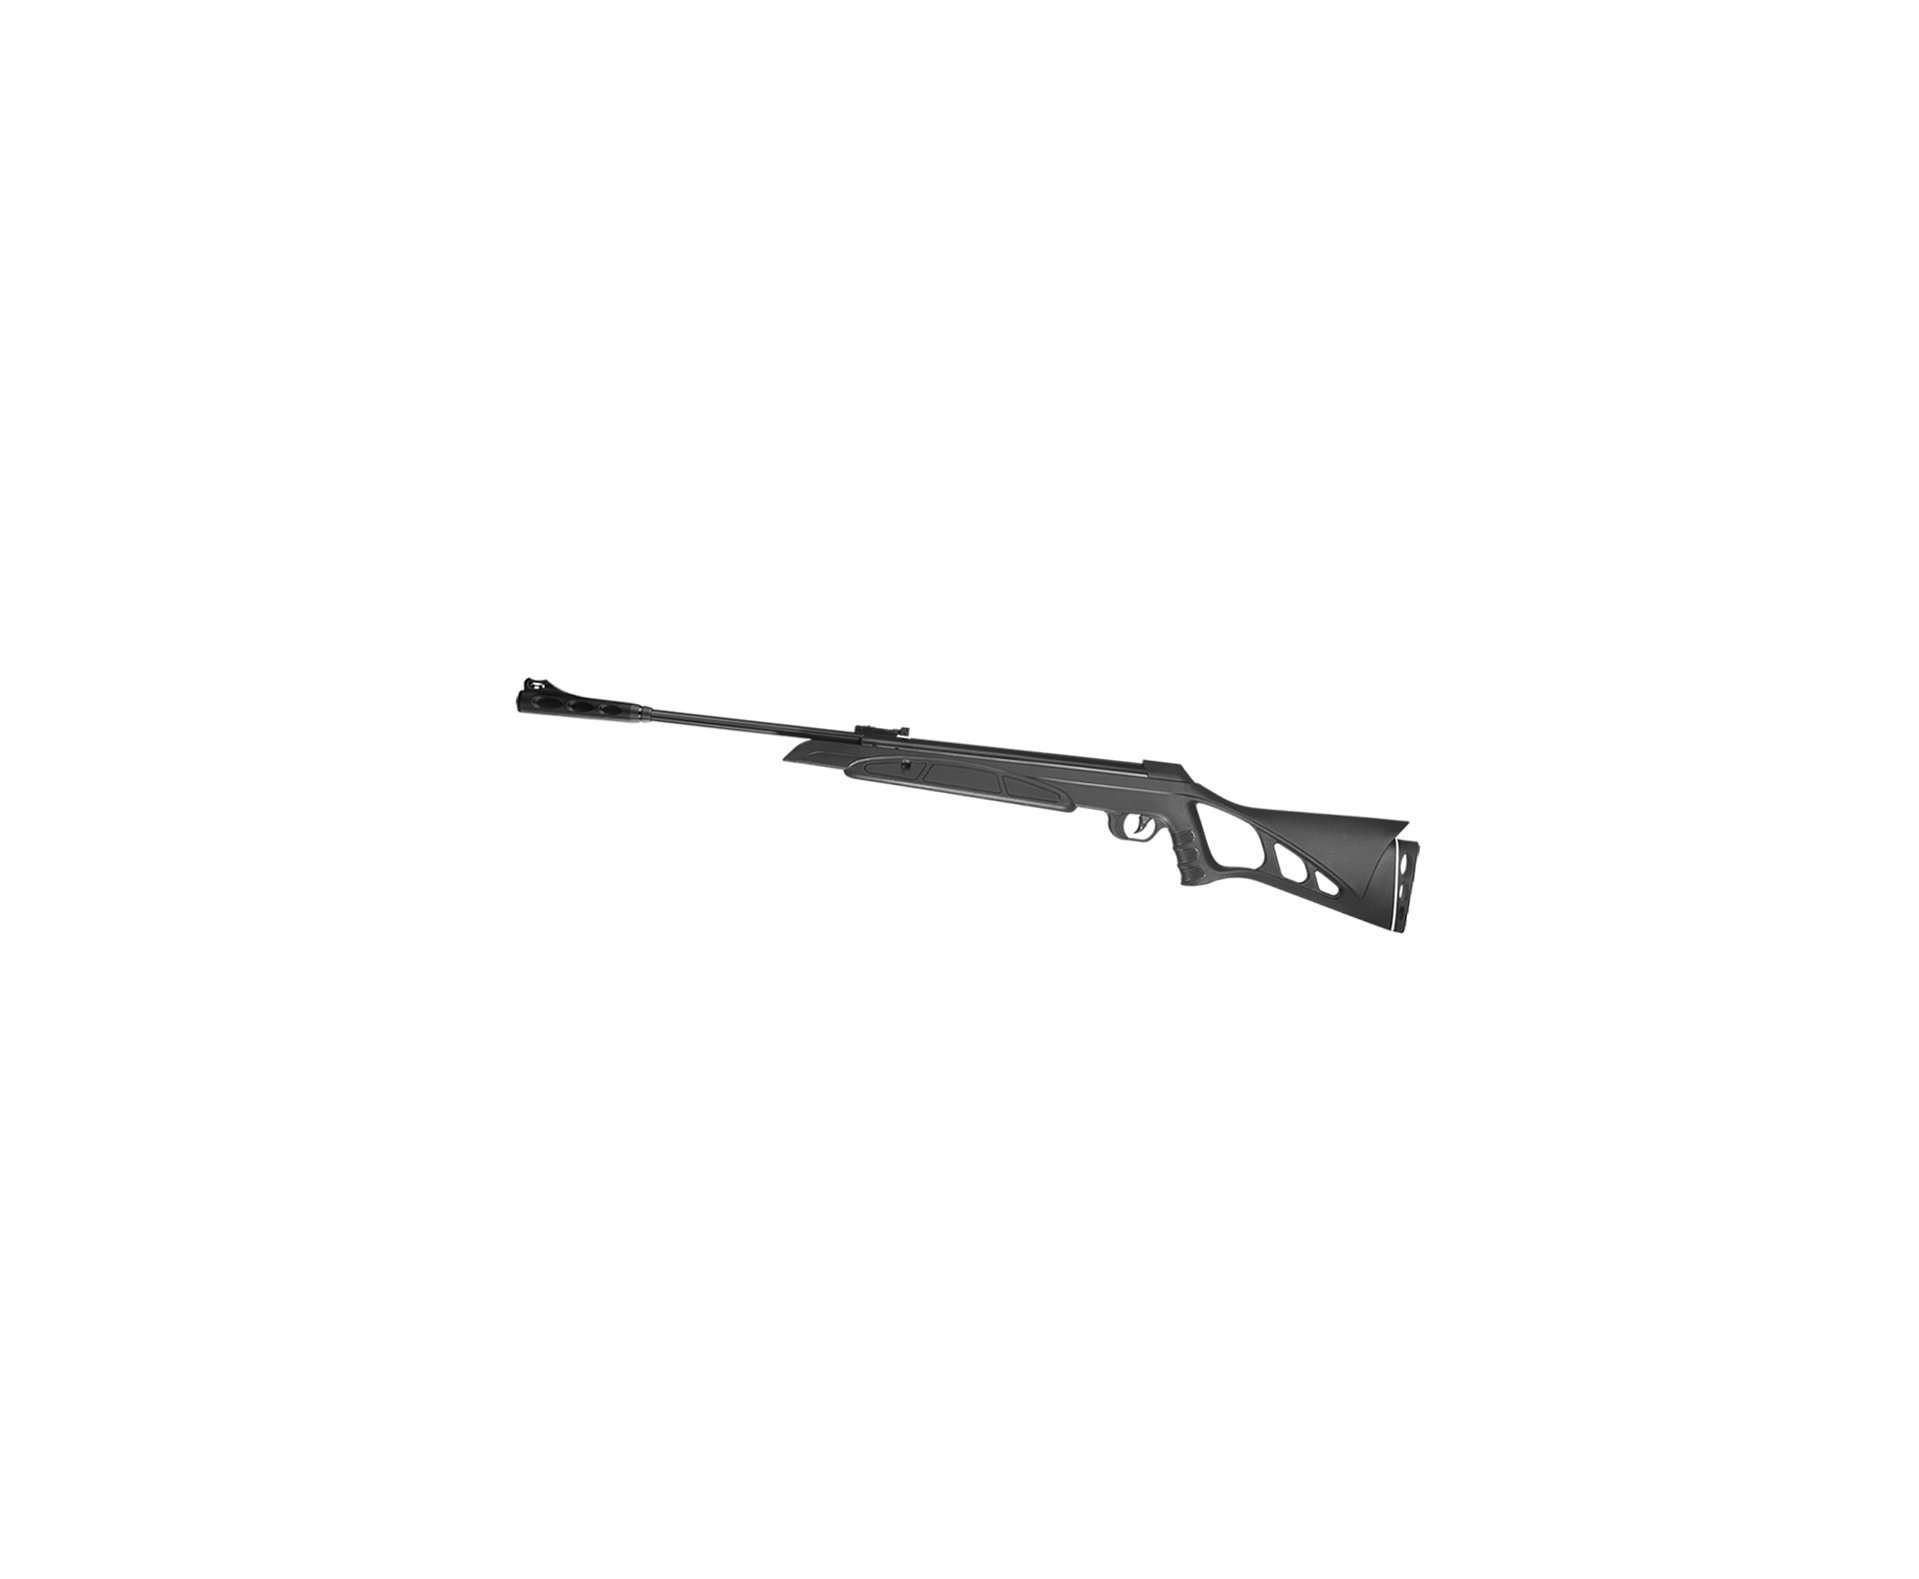 Carabina De Pressão Cbc Nitro-x 900 Soft Action - Calibre 5,5 Mm - Oxidada